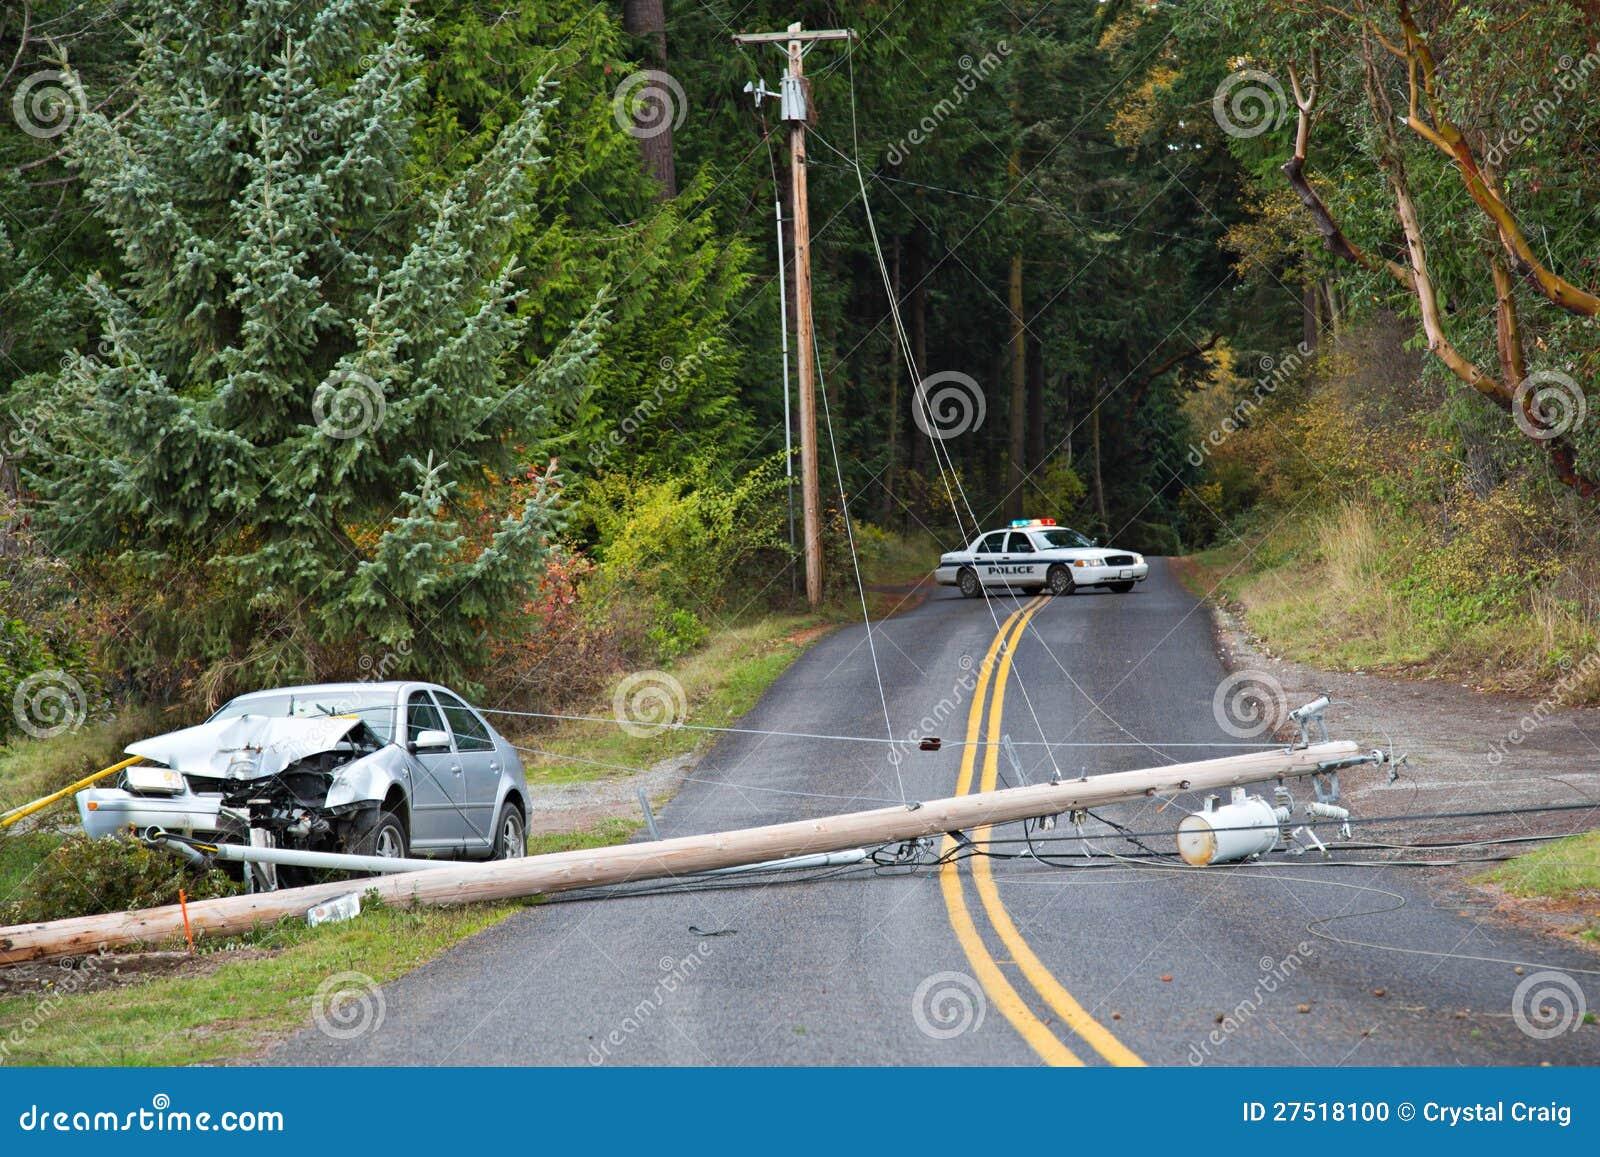 Accident de véhicule à moteur